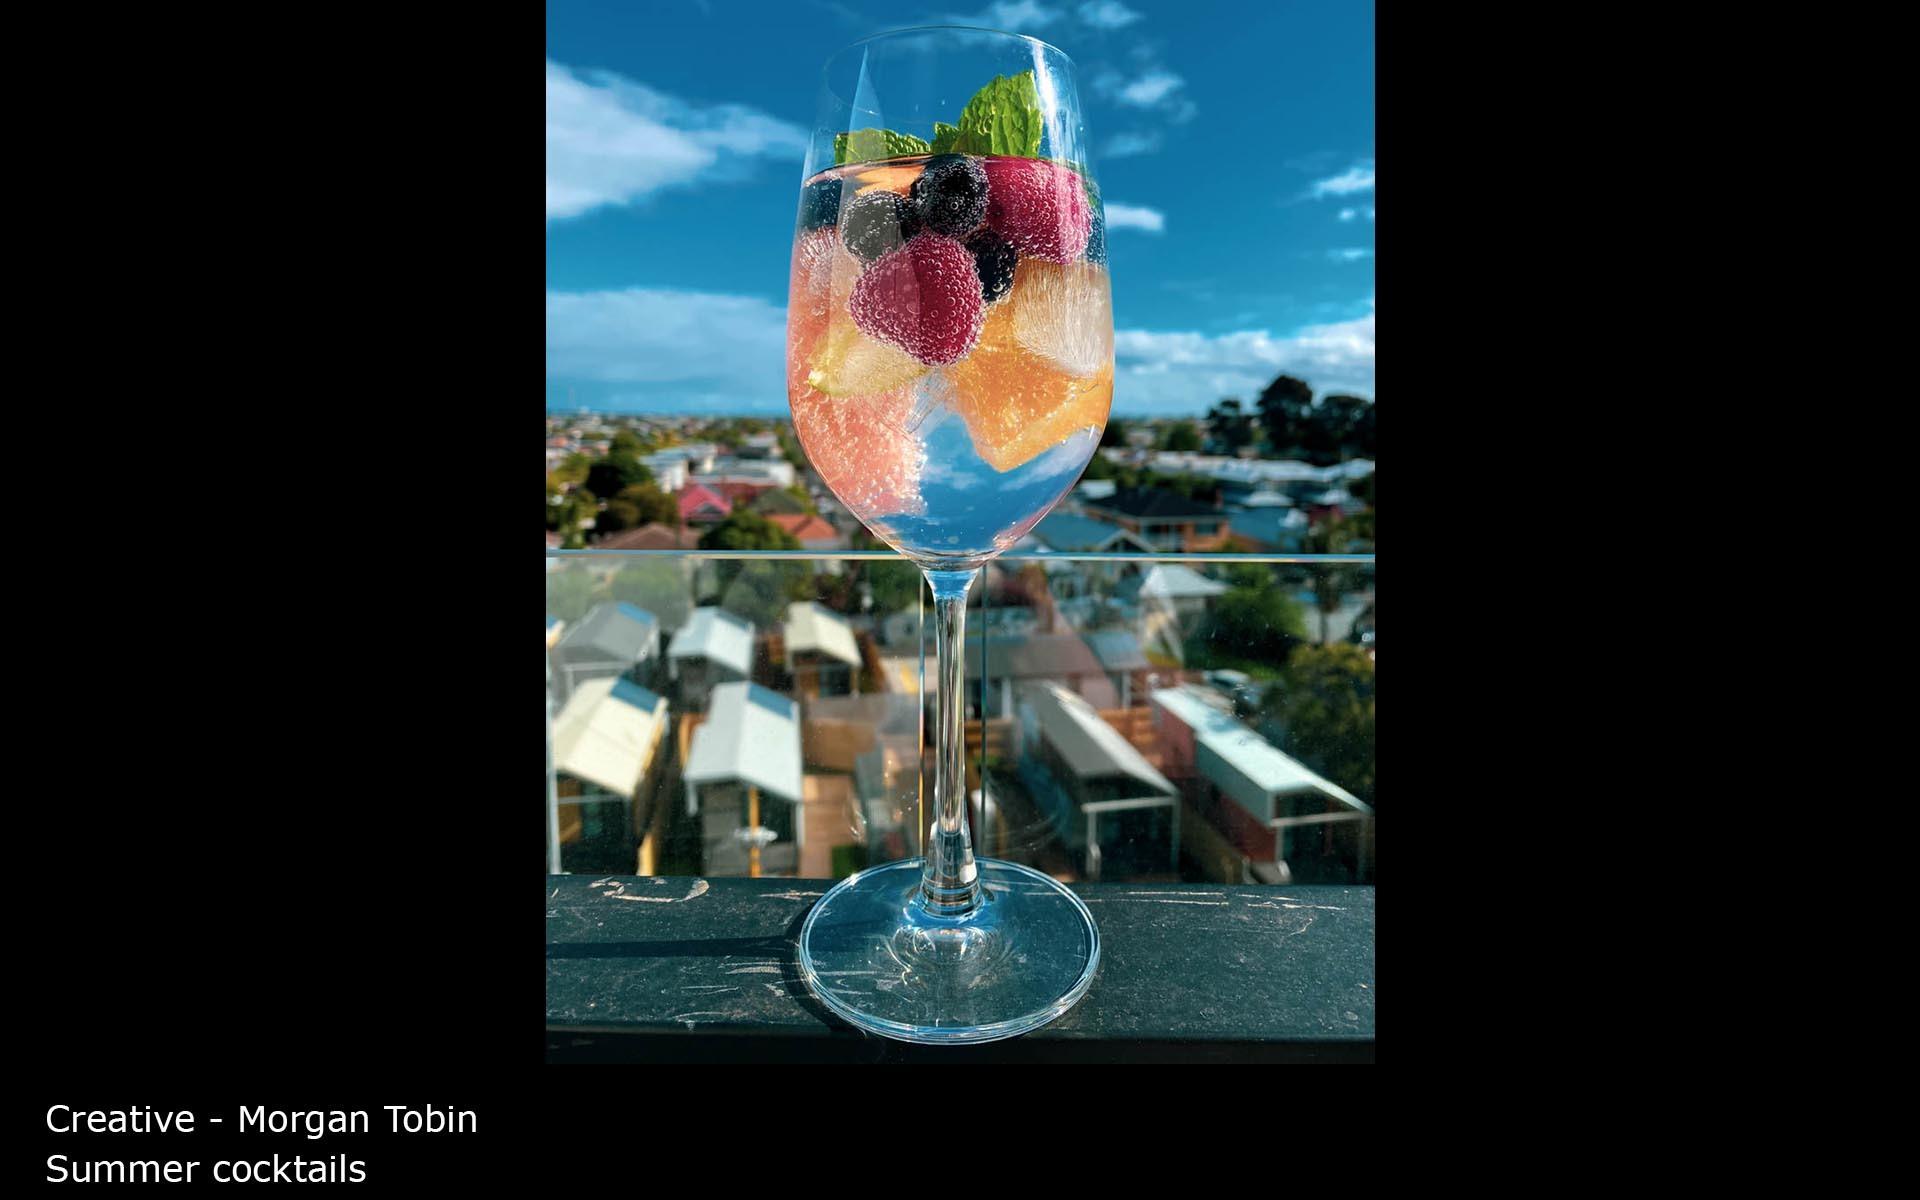 Summer cocktails - Morgan Tobin